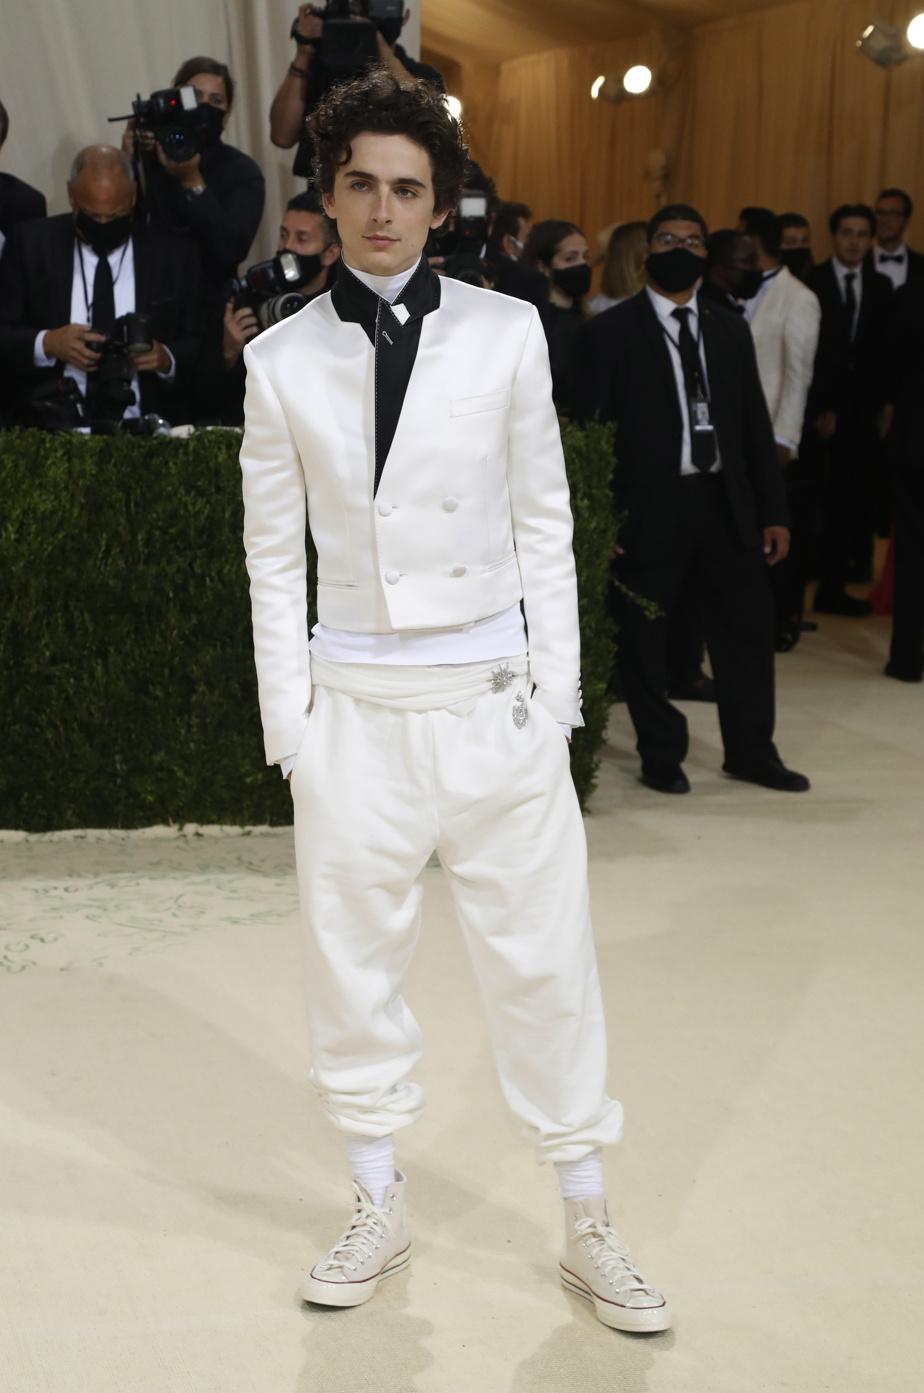 Le comédien Timothée Chalamet, vedette du filmDune, a opté pour une allure chic décontractée signée Haider Ackermann, Converse aux pieds.